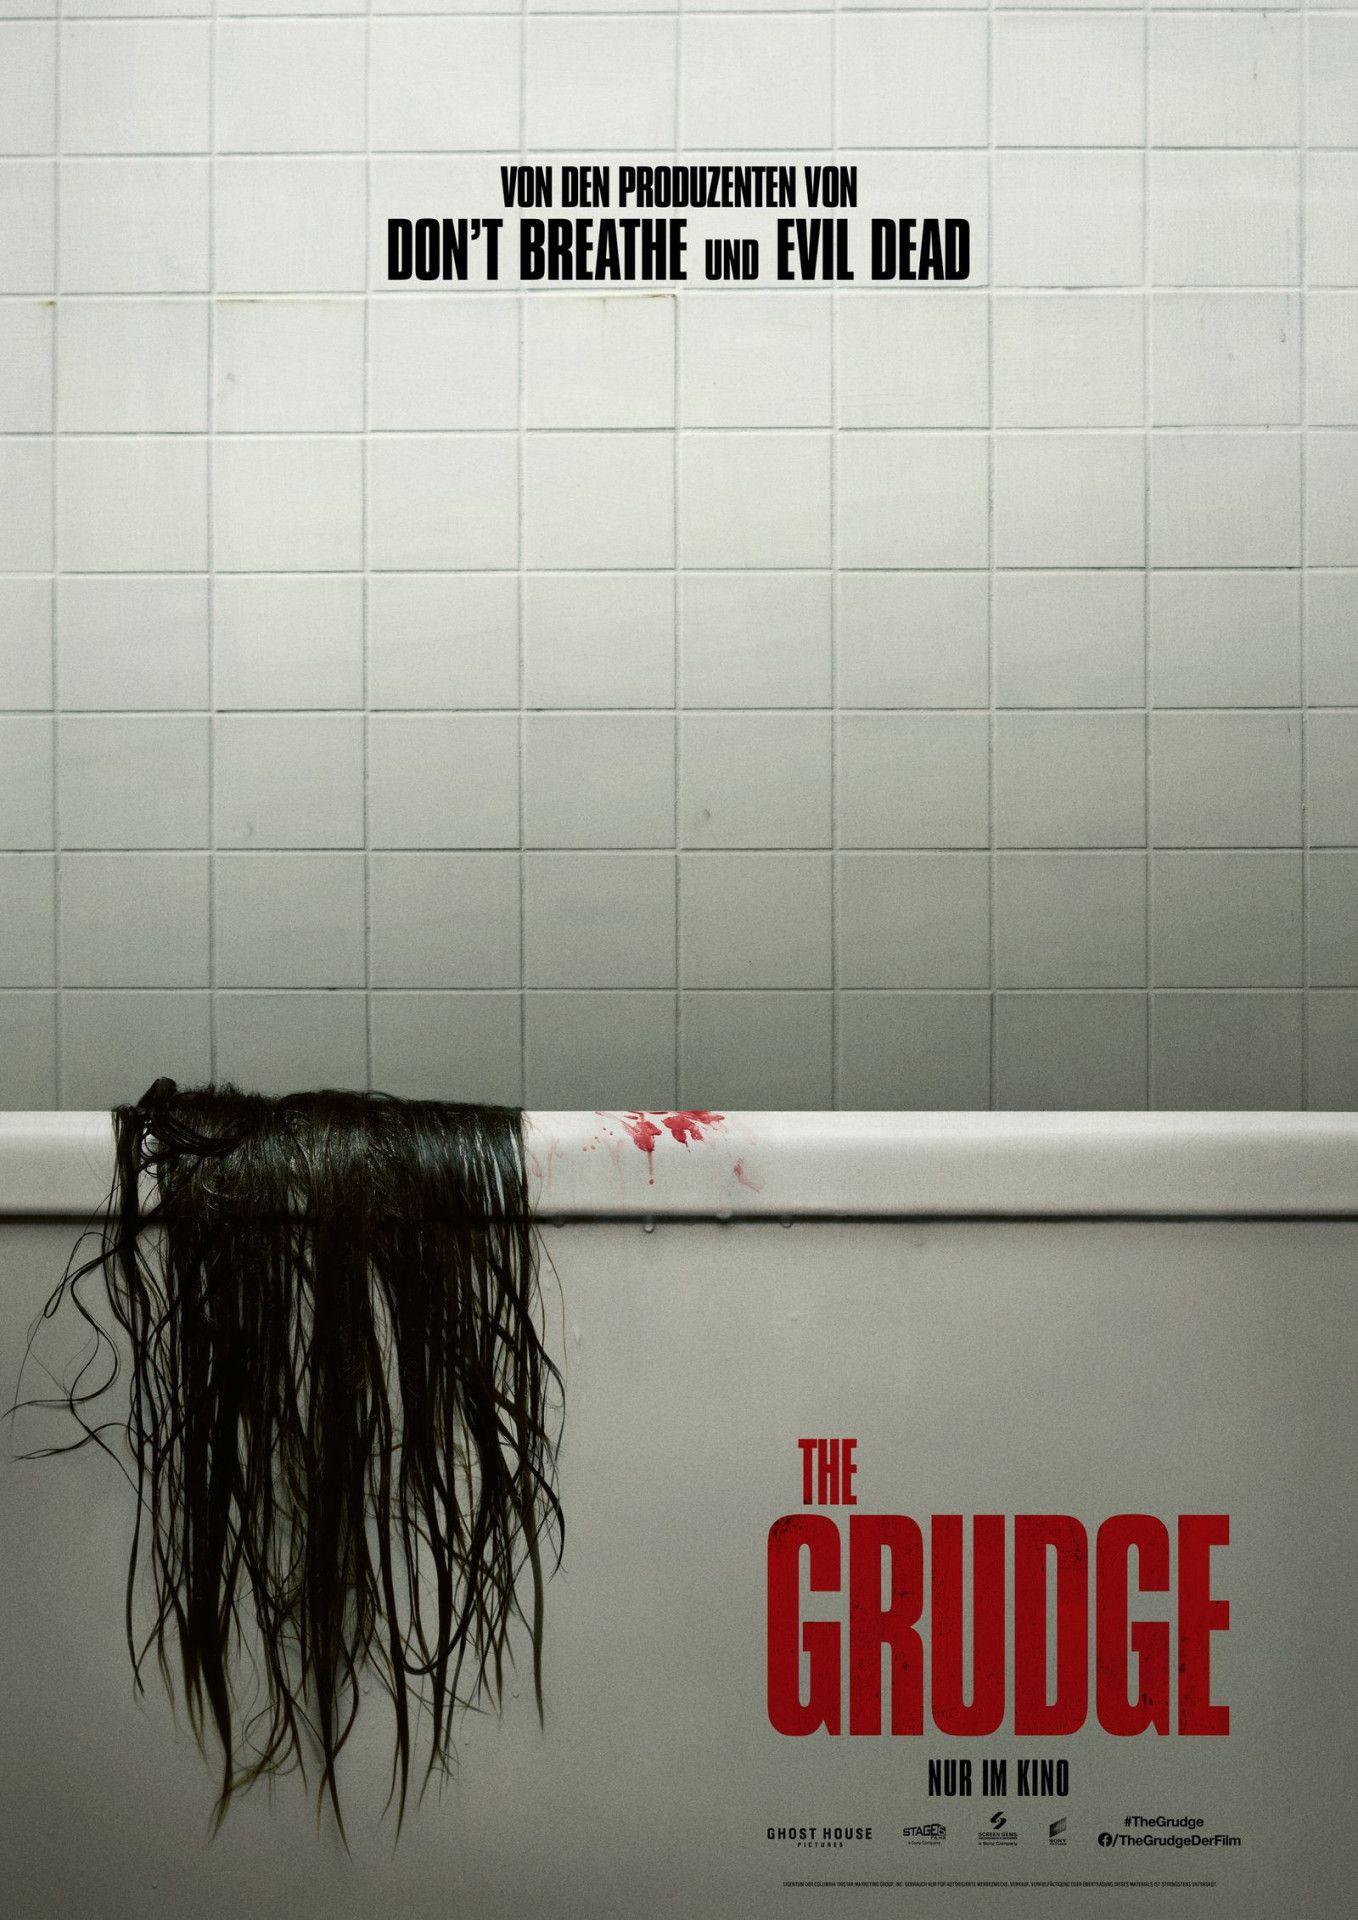 """Produzent Sam Raimi und Regisseur Nicolas Pesce greifen mit """"The Grudge"""" eine US-amerikanische Gruselreihe auf, die wiederum auf einem japanischen Horrorfilm basiert."""